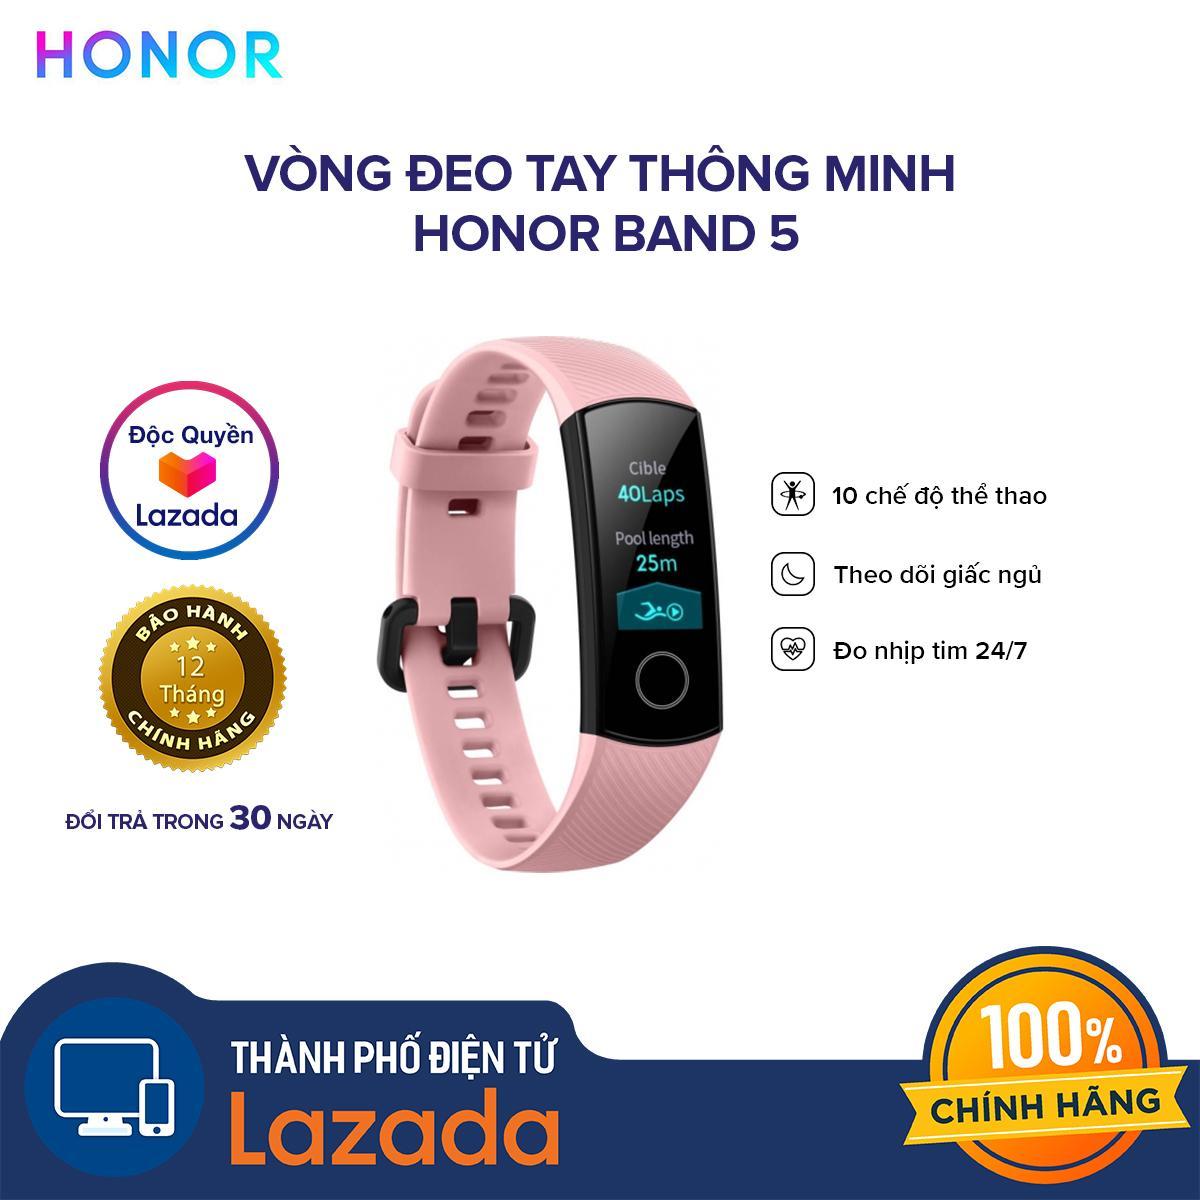 Giá [PRE-SALE] [ĐỘC QUYỀN LAZADA] Vòng đeo tay thông minh Honor Band 5  - Chức năng đo Oxy trong máu SpO2 - Màn hình AMOLED - Chống thấm nước 50M